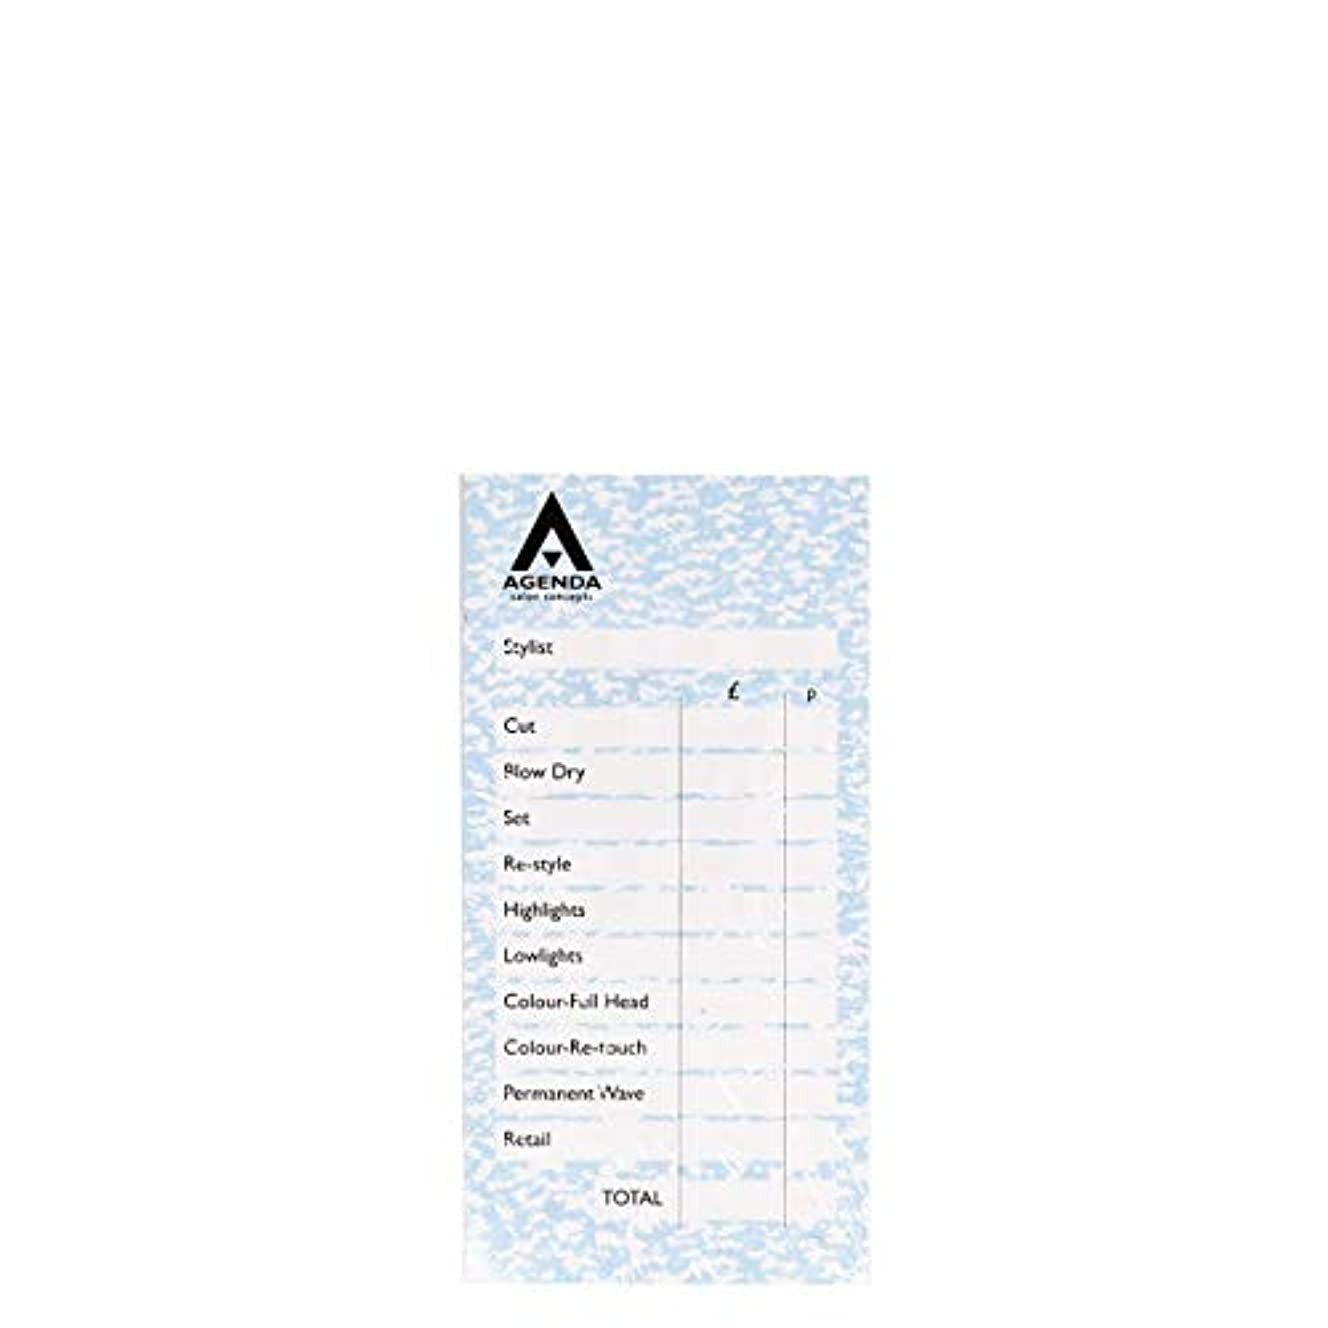 間違いバー糞アジェンダ サロンコンセプト チェックパッドブルー6x100リーフ[海外直送品] [並行輸入品]